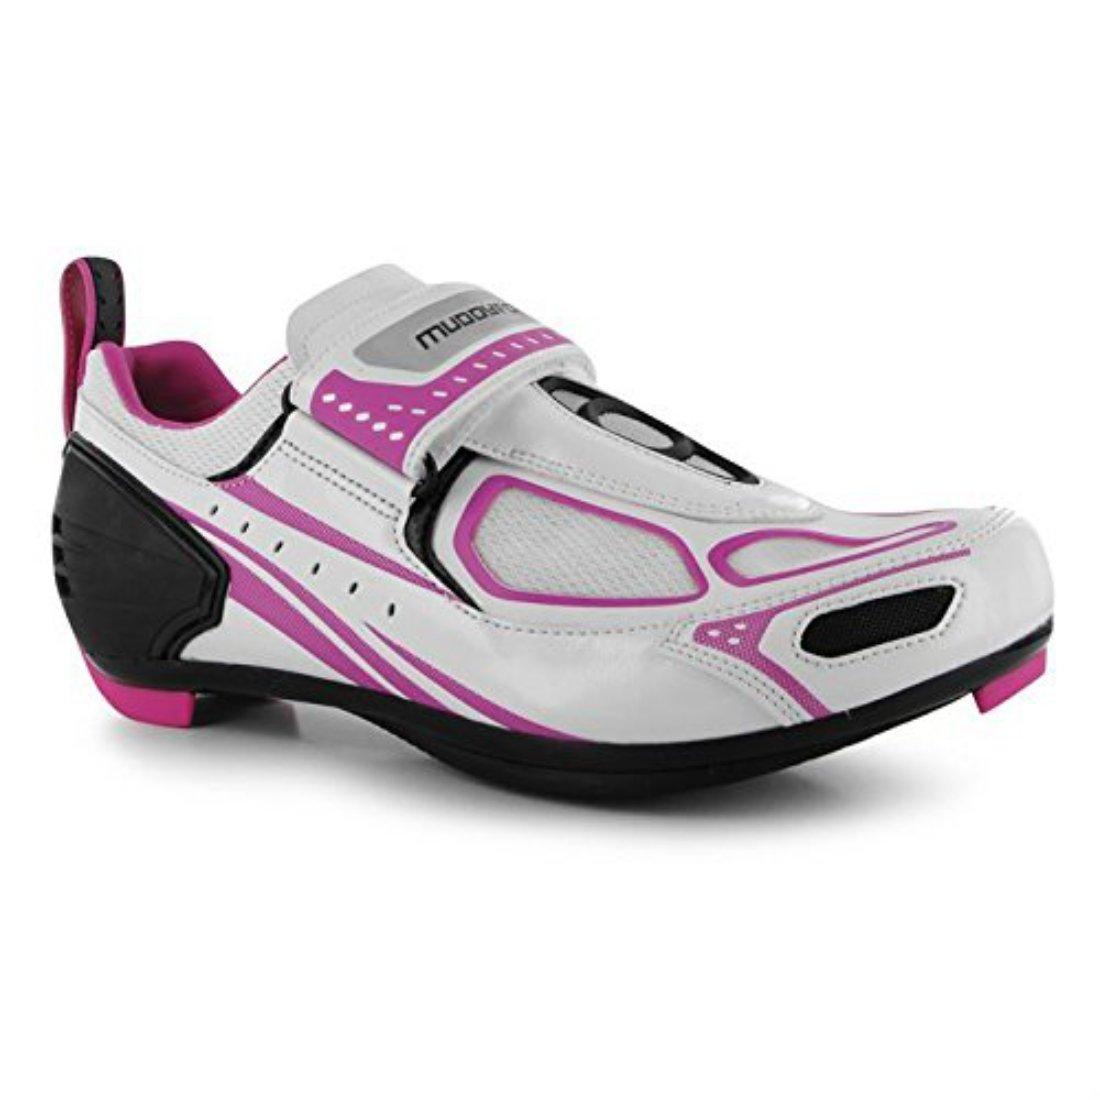 Muddyfox Womens TRI100 Ladies Cycling Shoes Waterproof Upper Mesh Panels